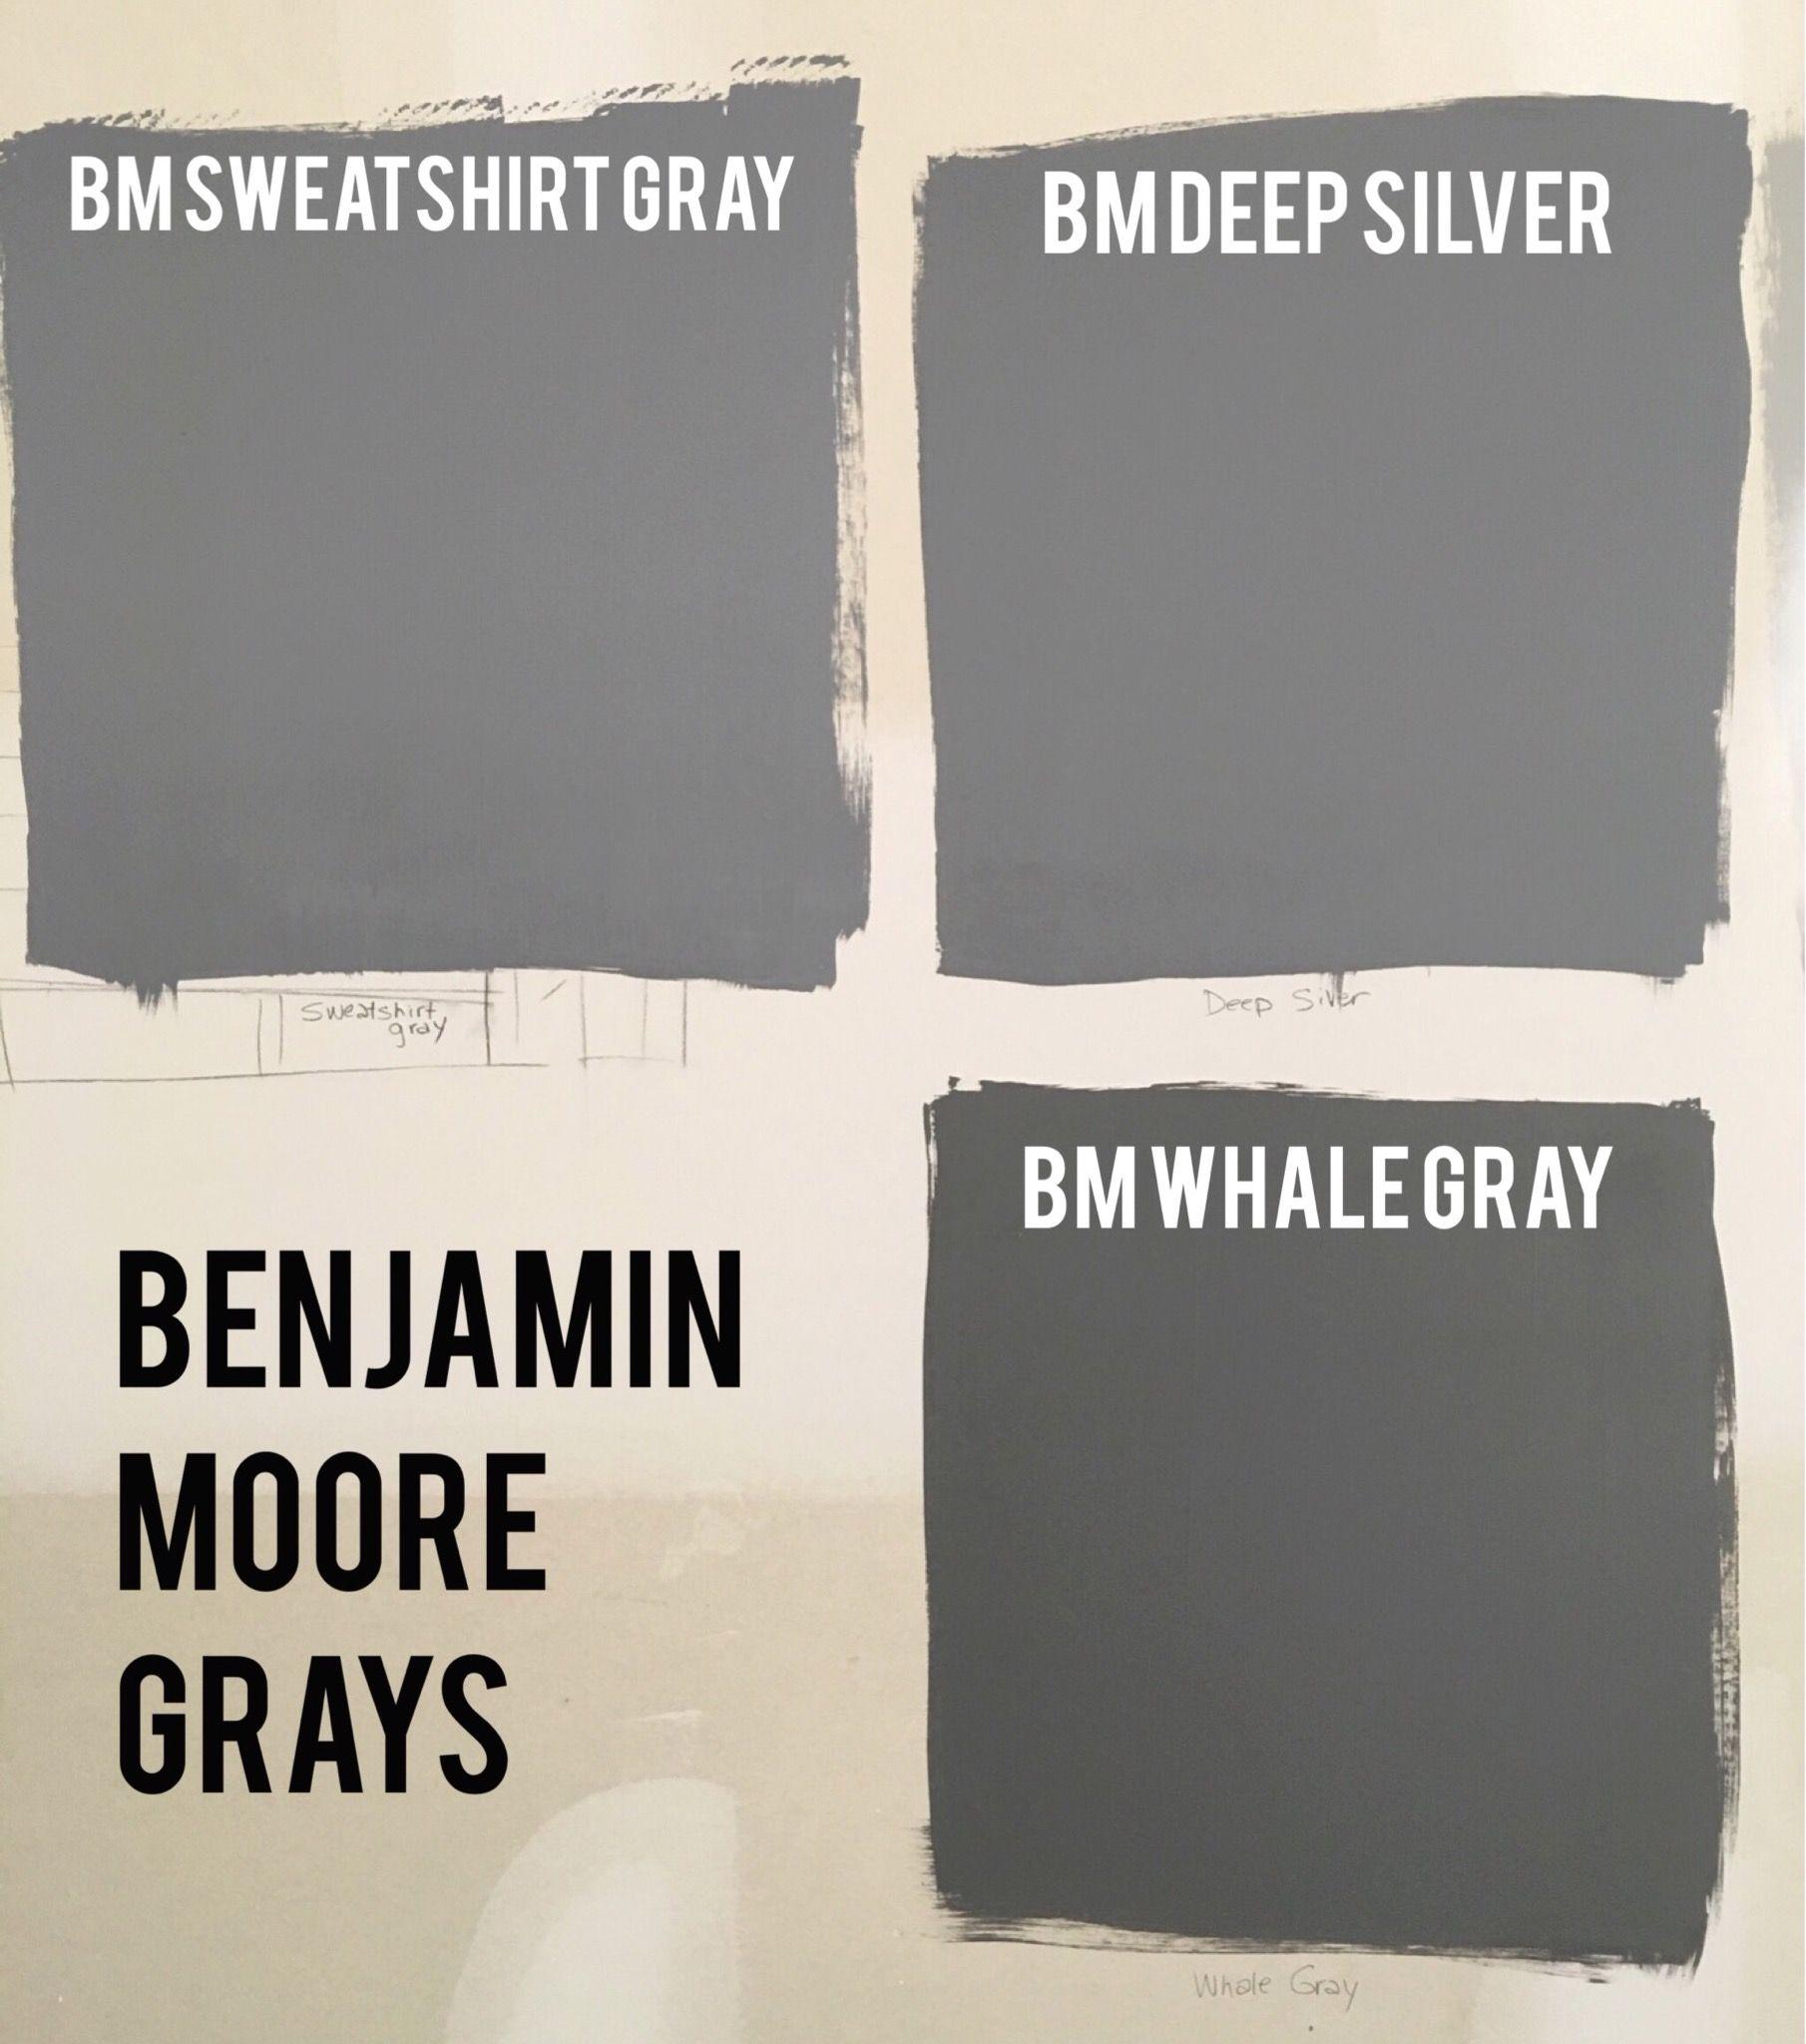 Benjamin Moore Deep Gray Paint Swatches Bm Sweatshirt Gray 2126